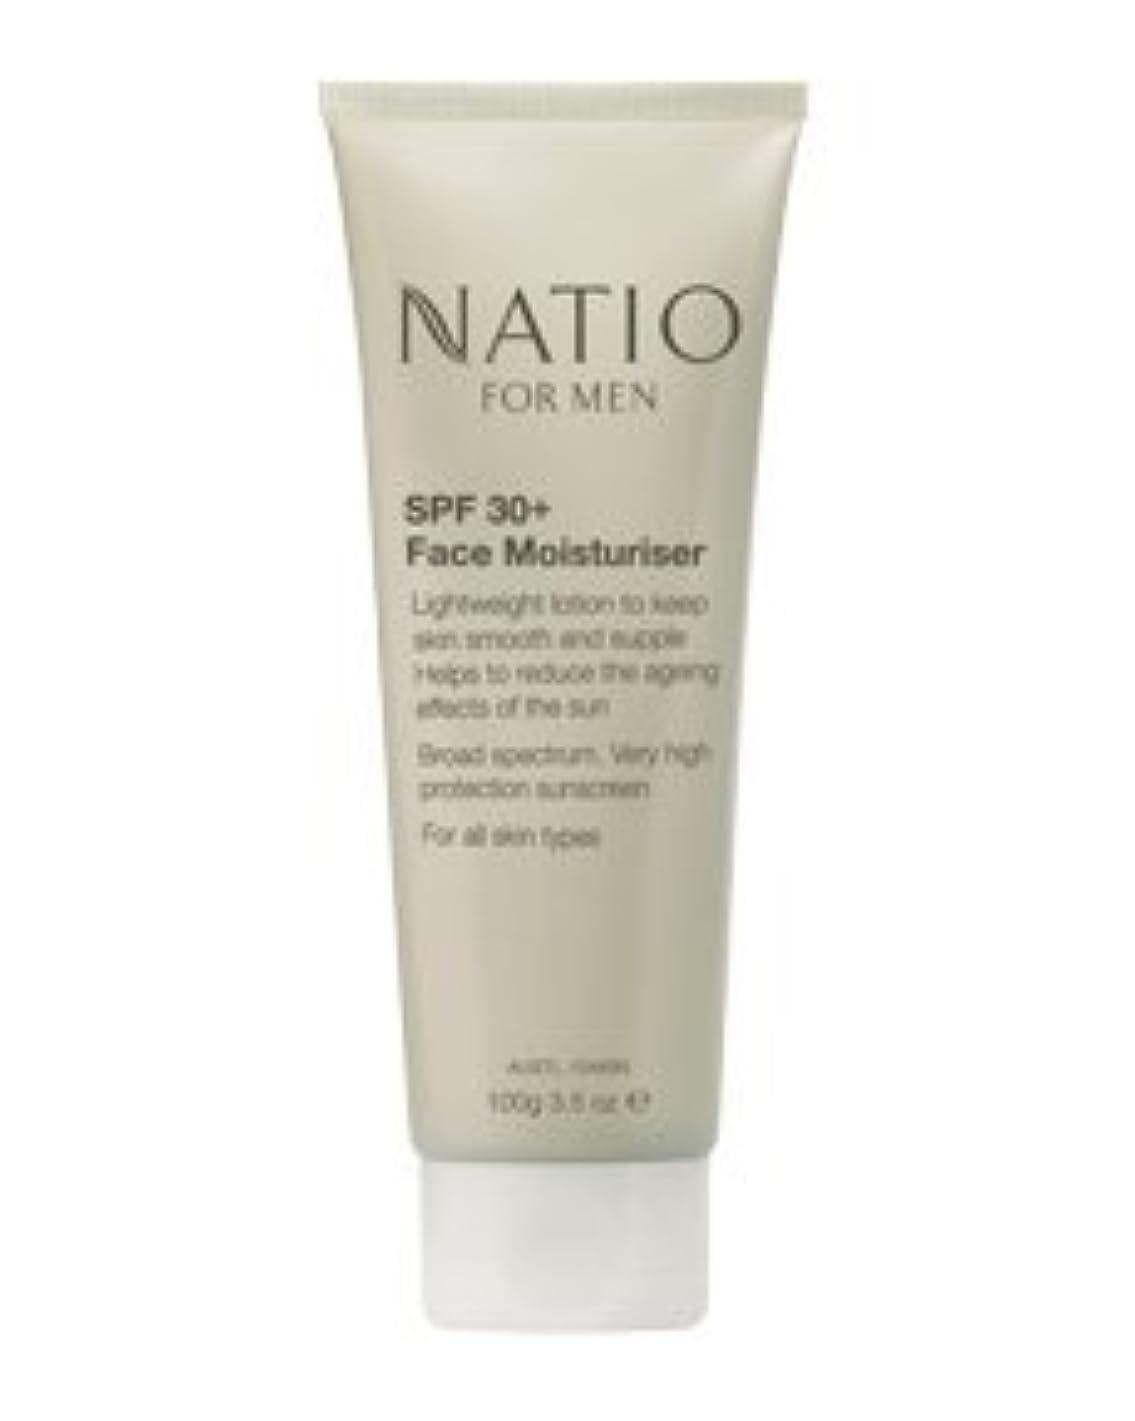 桁スペースセンブランス【NATIO FOR MEN SPF 30+ Face Moisturiser】 ナティオ  SPF 30+ フェイス モイスチャライザー [海外直送品]